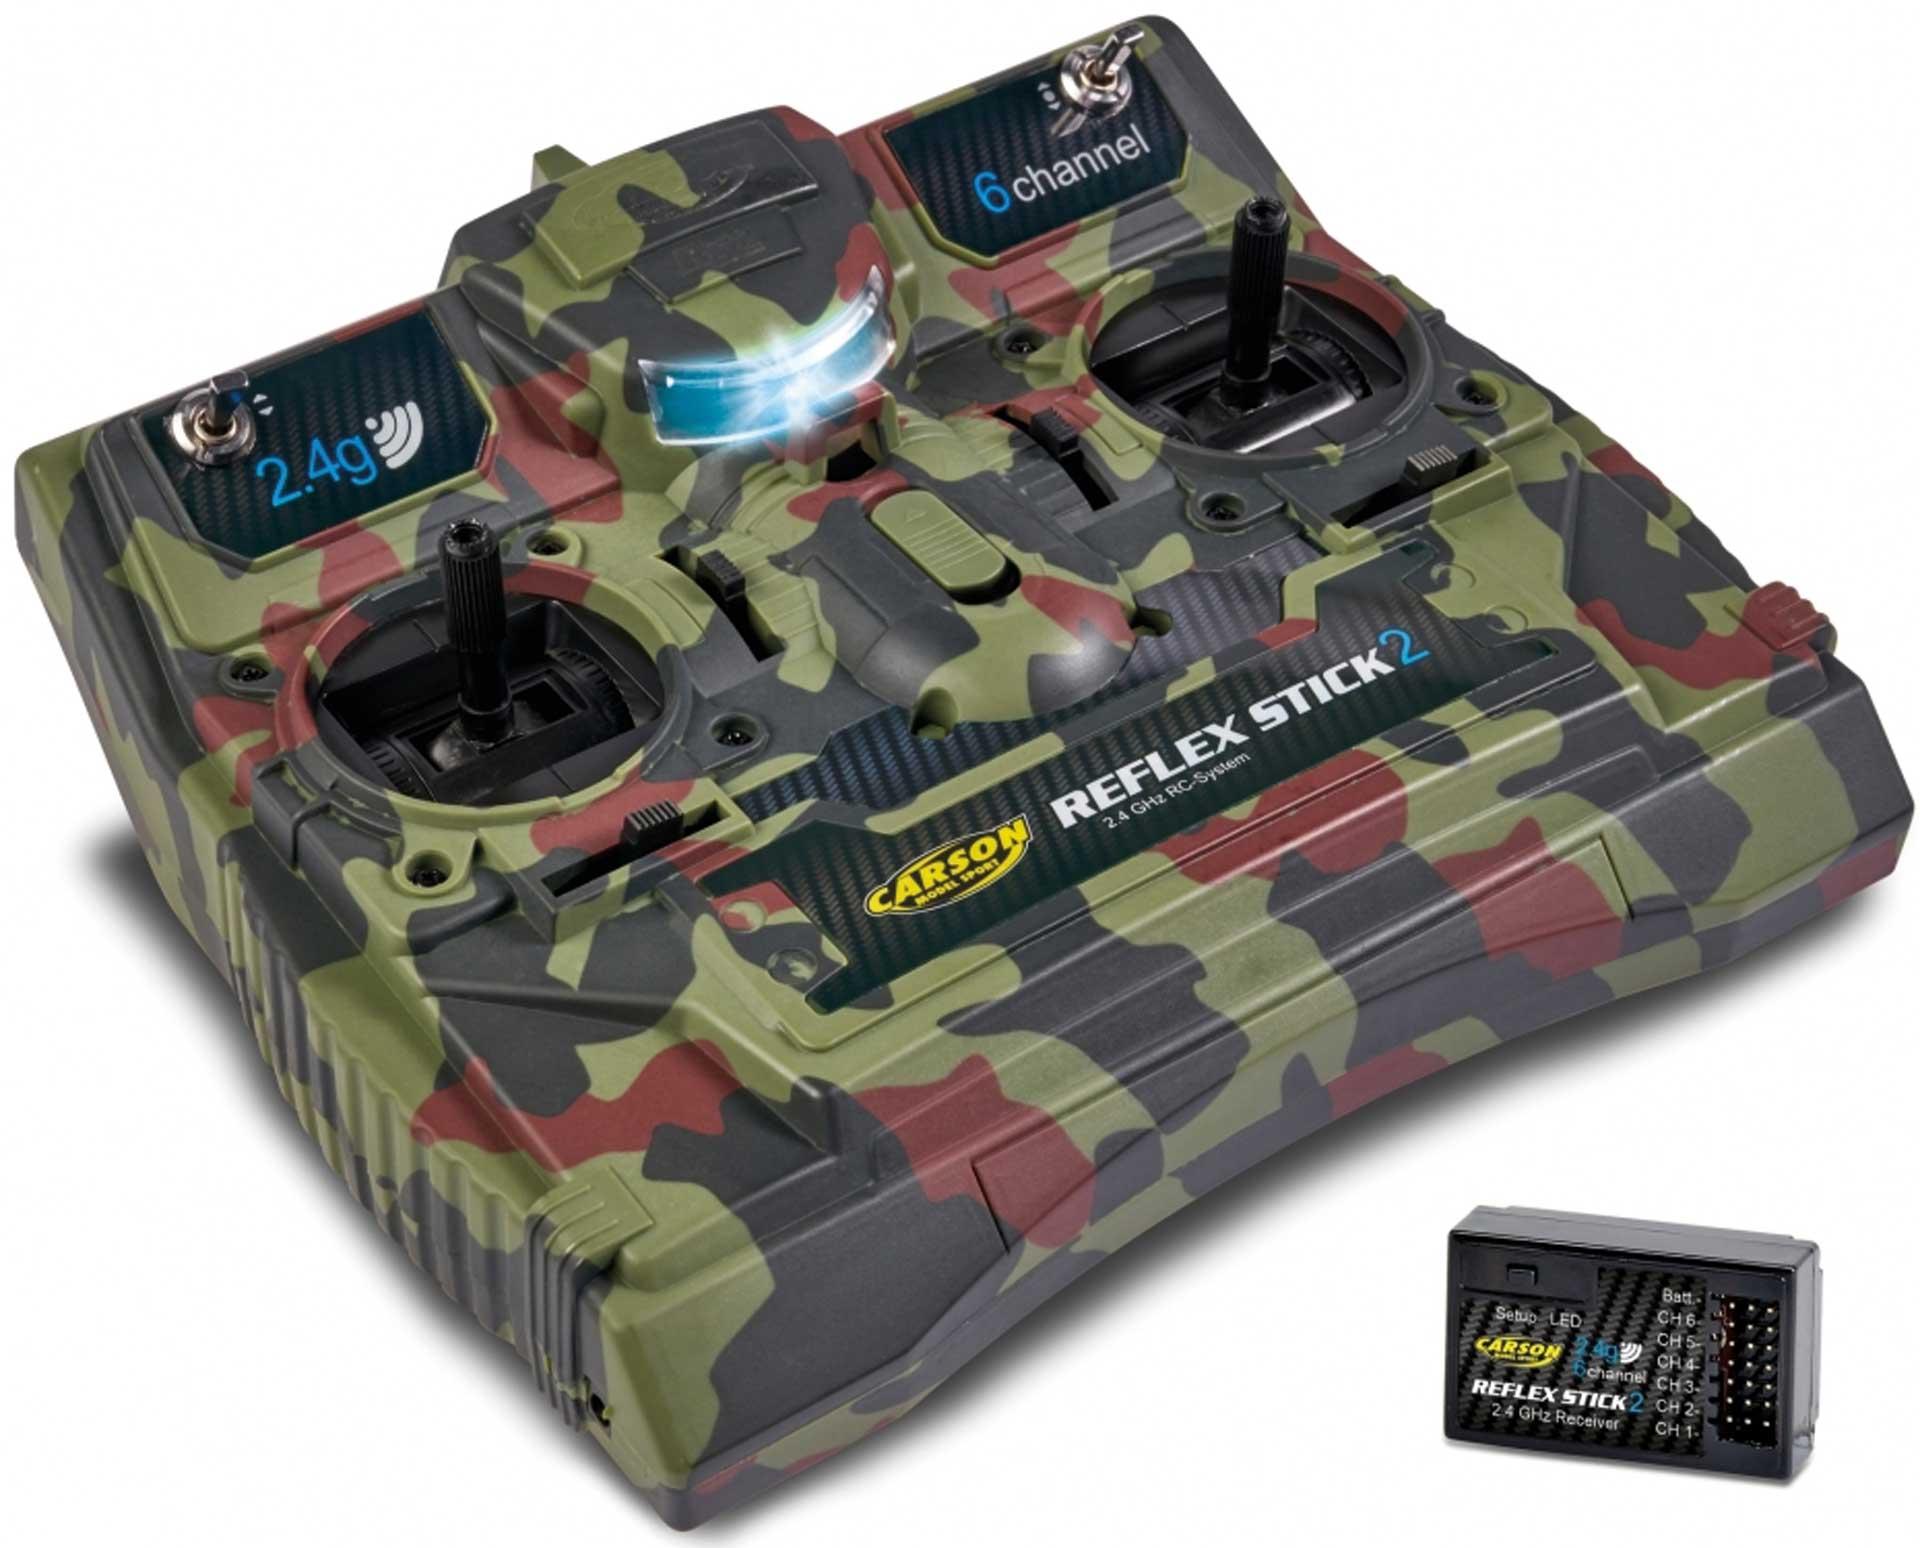 CARSON FS Reflex Stick II 2.4GHz 6CH Camouflage Fernsteuerung